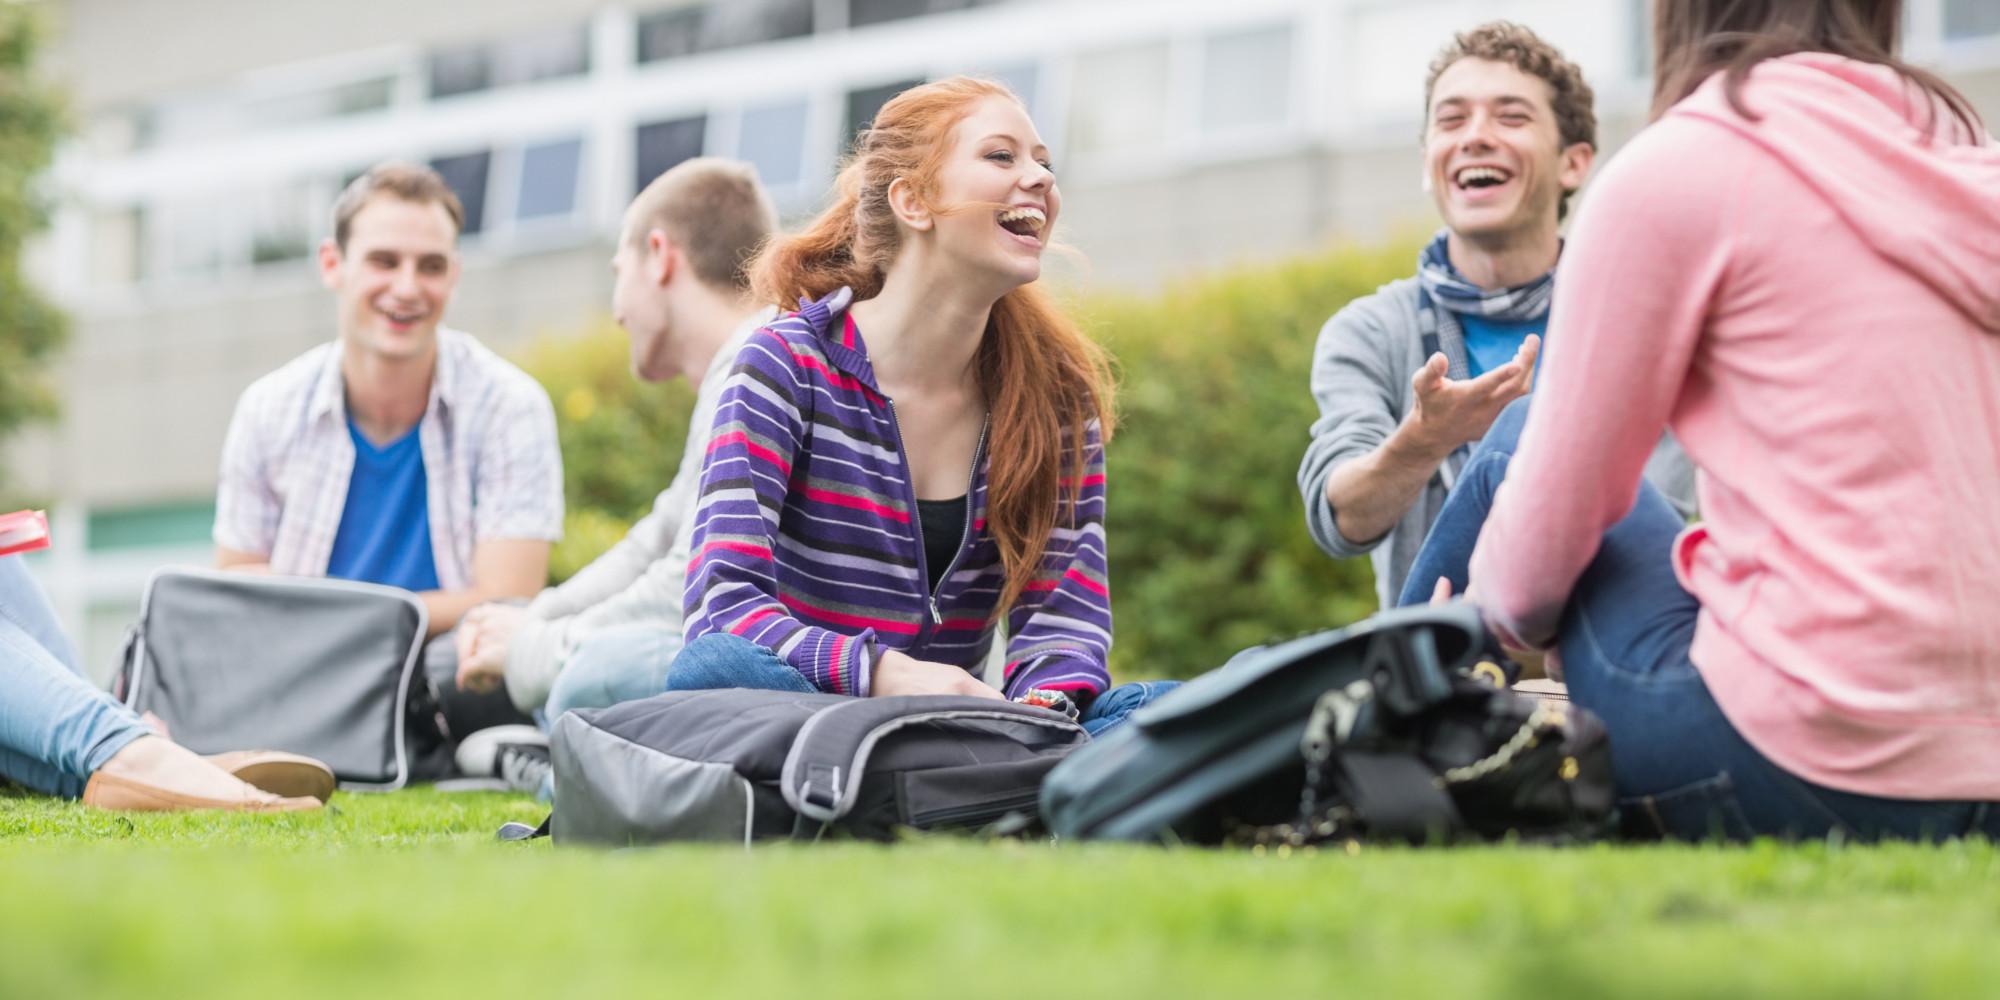 Второе высшее образование в Канаде цена отзывы ВУЗы сроки второе высшее образование в Канаде